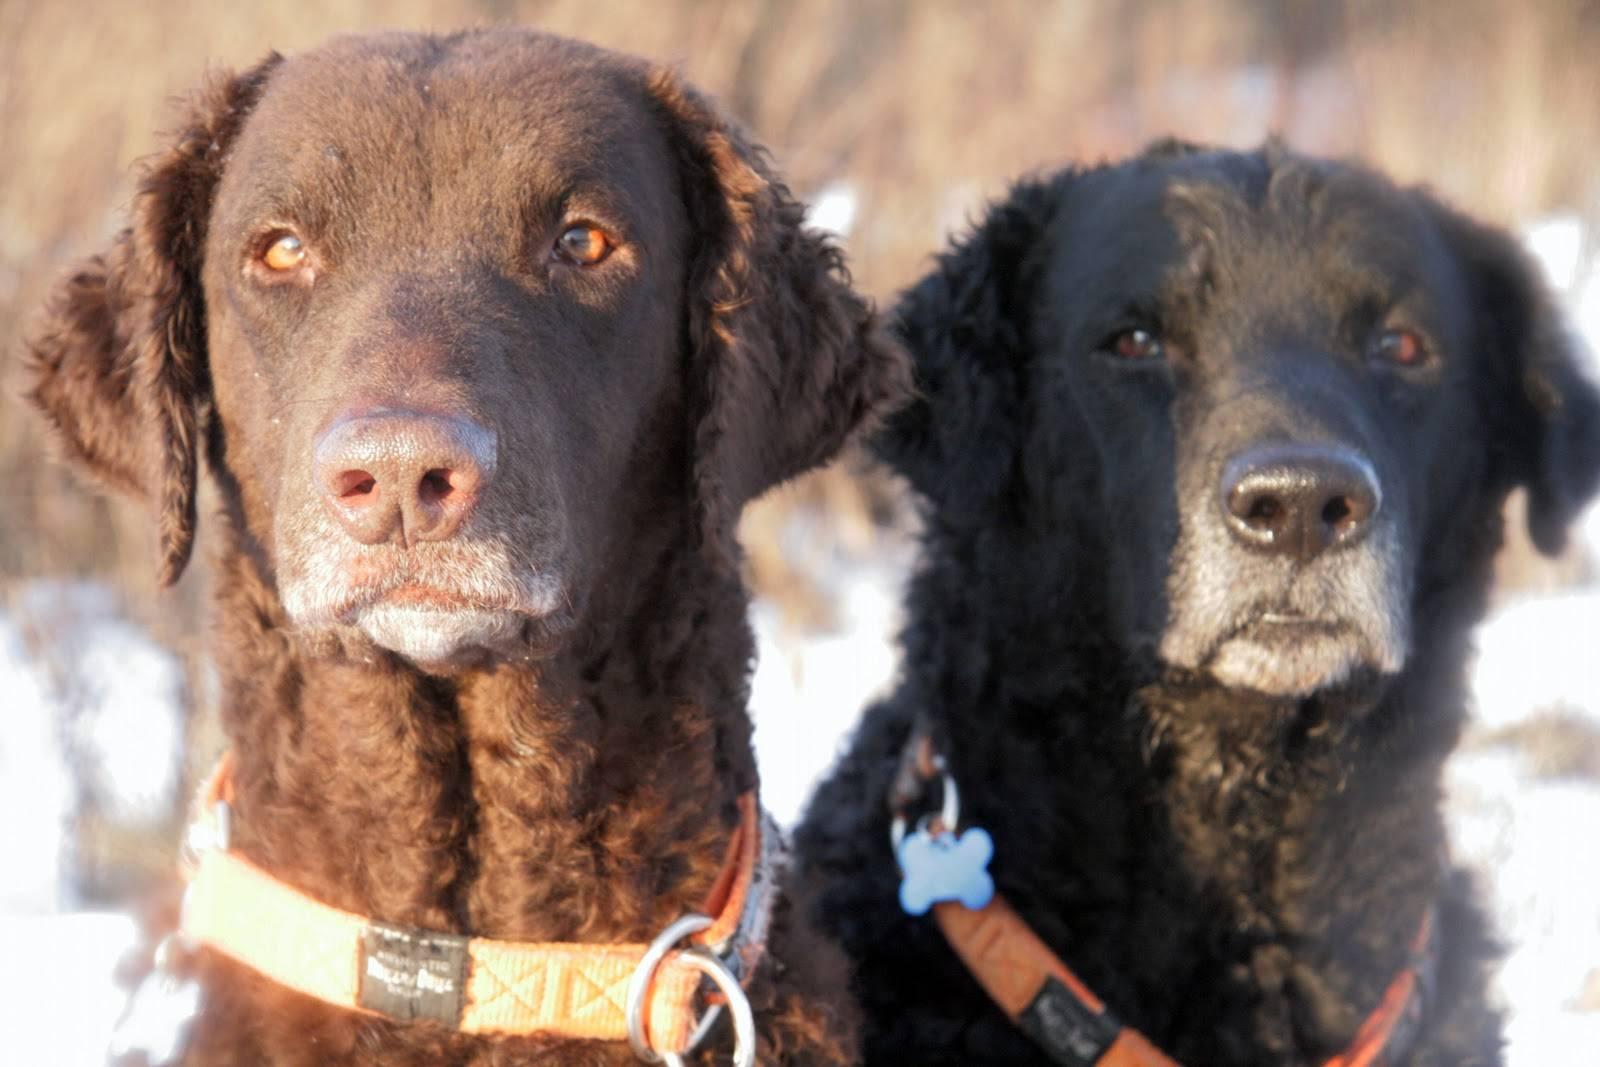 Курчавошерстный ретривер или кёрли retriever. гончие охотничьи собаки. стандарт породы. содержание, кормление, уход за шестью, зубами, когтями, подготовка к выставке, вязка. фото.